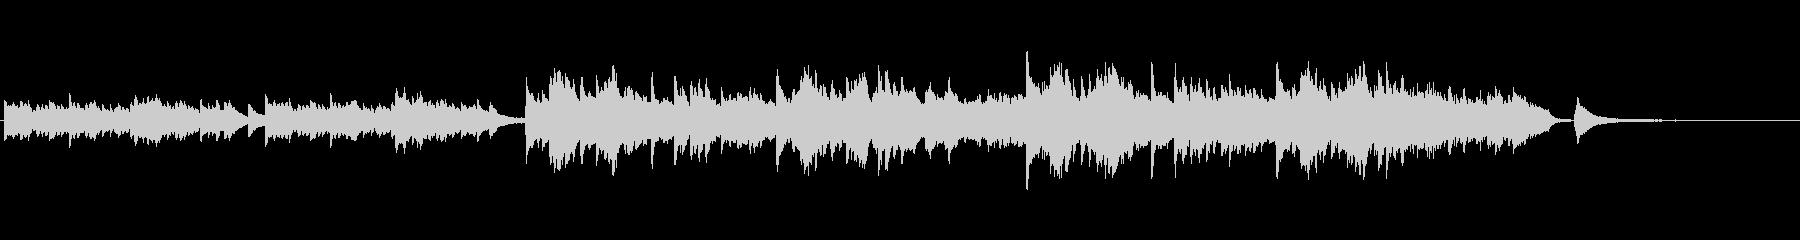 神秘的で壮大なピアノ楽曲【企業映像に】の未再生の波形